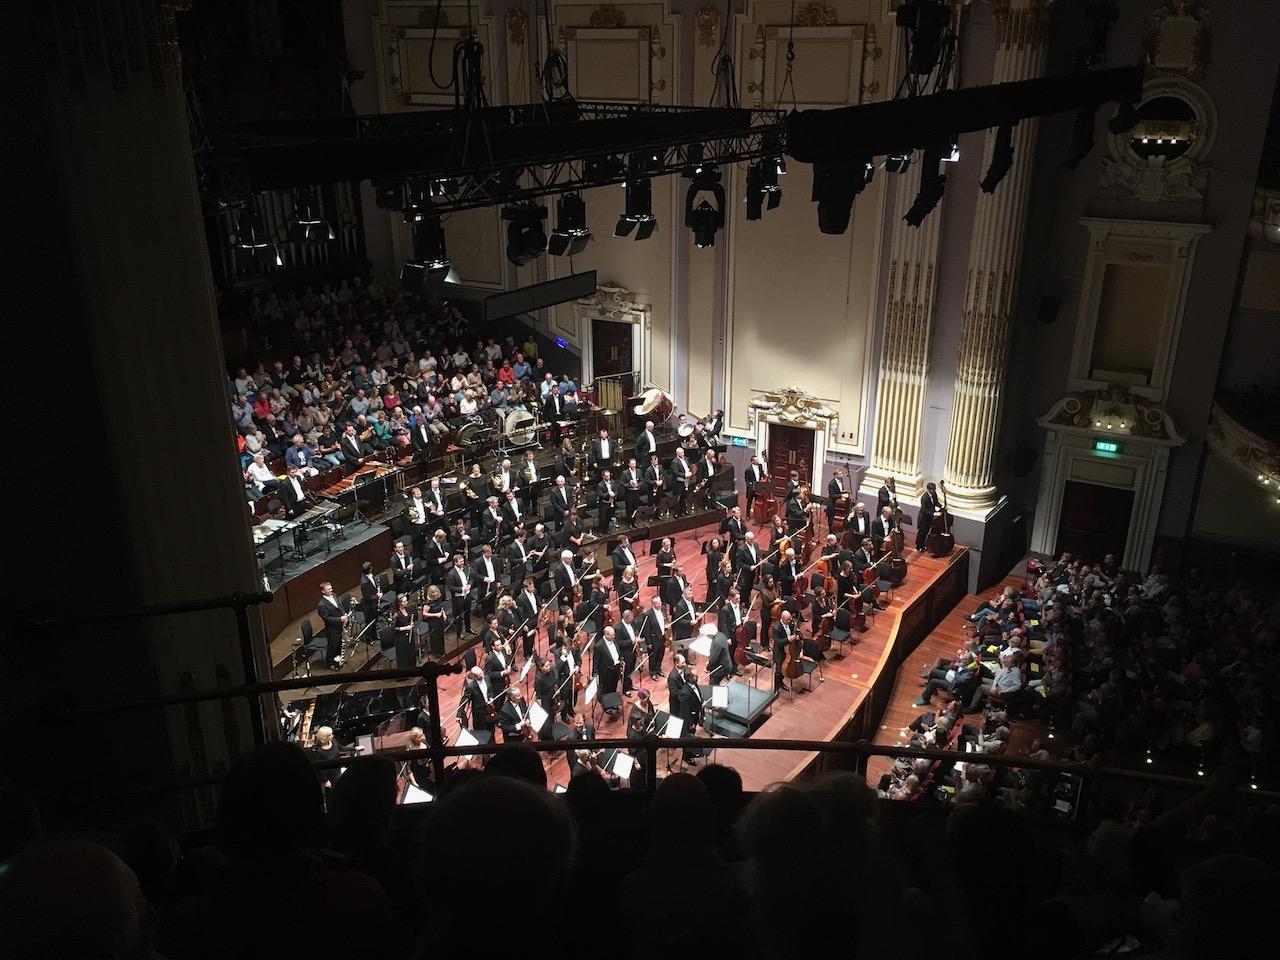 19年8月21日去听了London Symphony Orchestra的音乐会